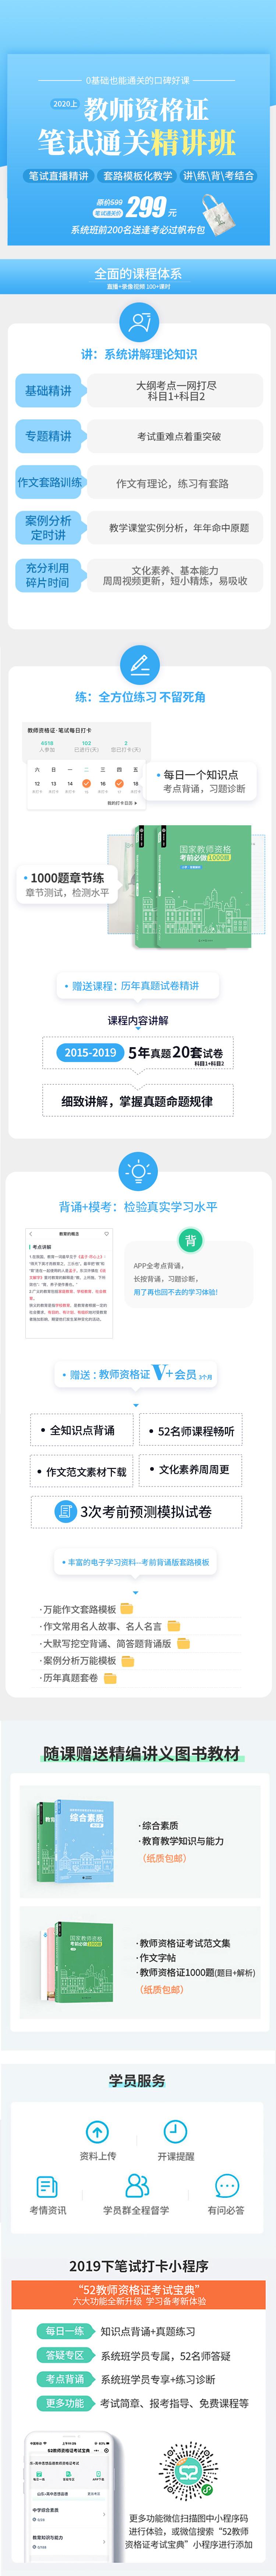 我爱教师网_2019教师资格证教师招聘一起过-恢复的-恢复的.jpg